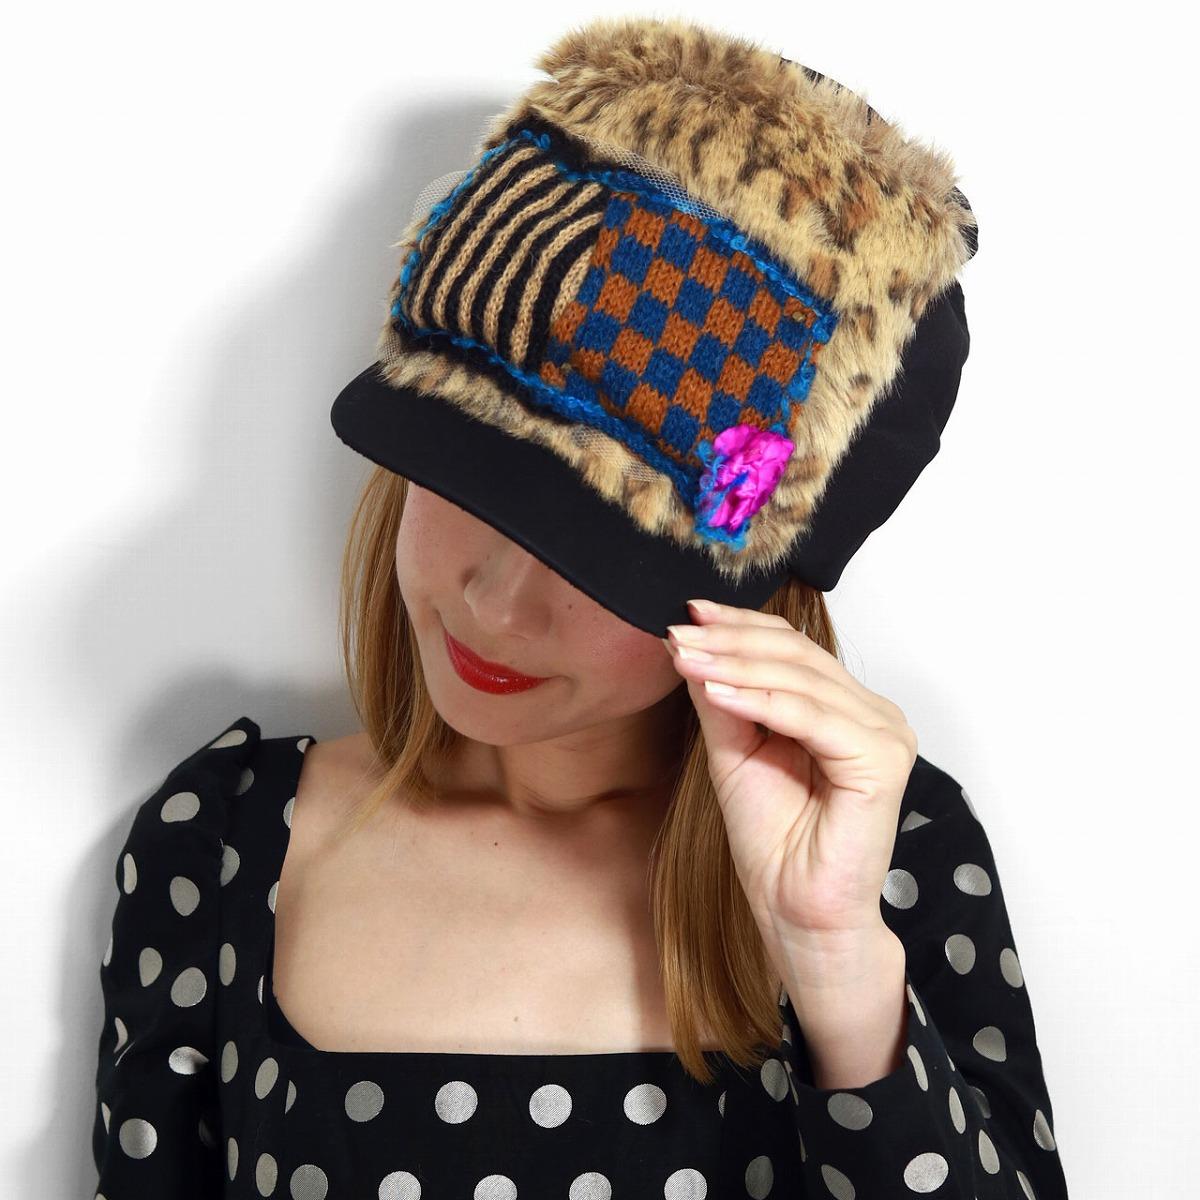 バラ色の帽子 個性的 キャップ 黒 日本製 秋冬 帽子 レディース パッチワーク 飾り付き ハイキャップ コサージュ 可愛い Barairo no Boushi フェイクファー ブラック クロ [ hat ] プレゼント 帽子 母の日 ギフト 敬老の日